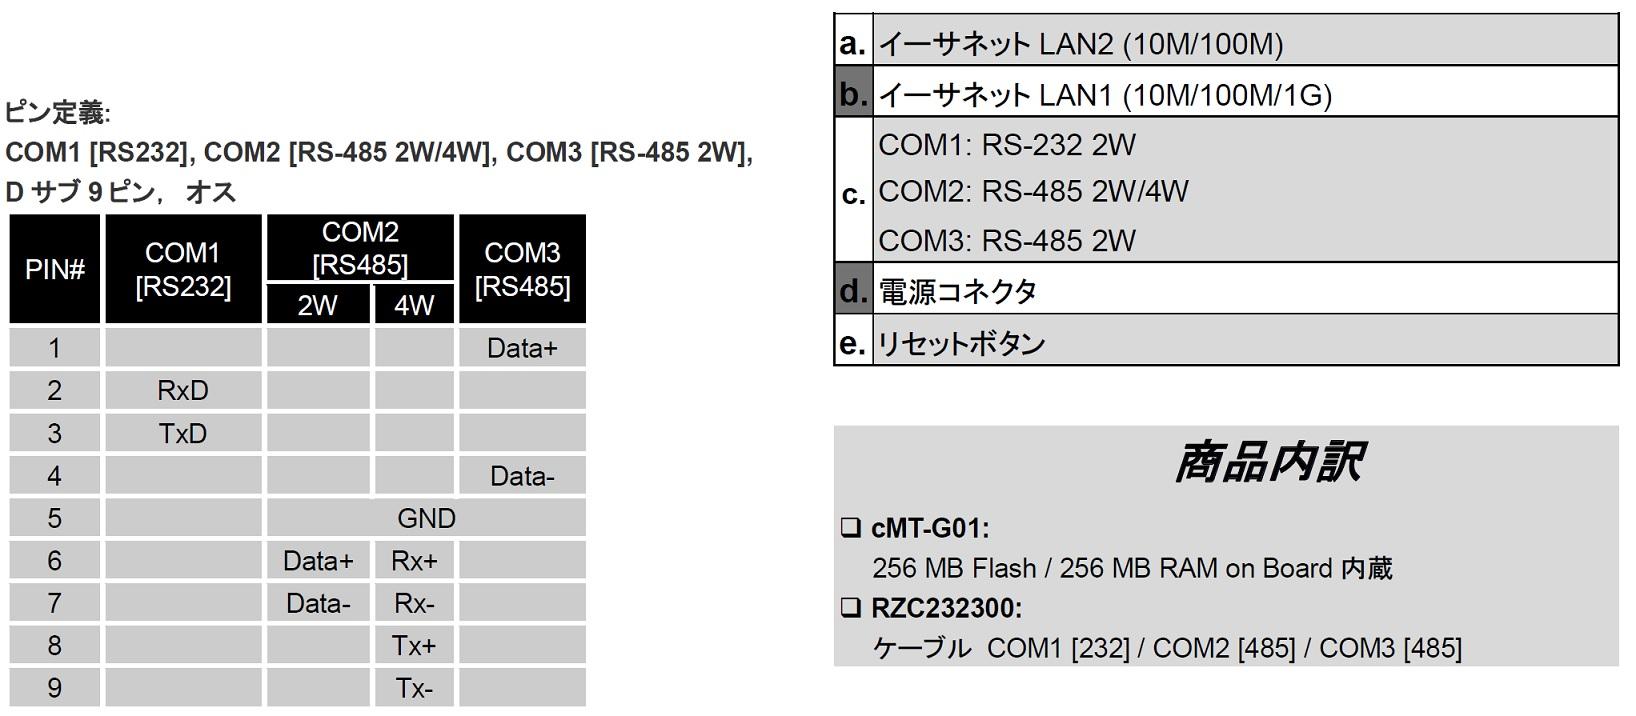 cMT-G01の画像